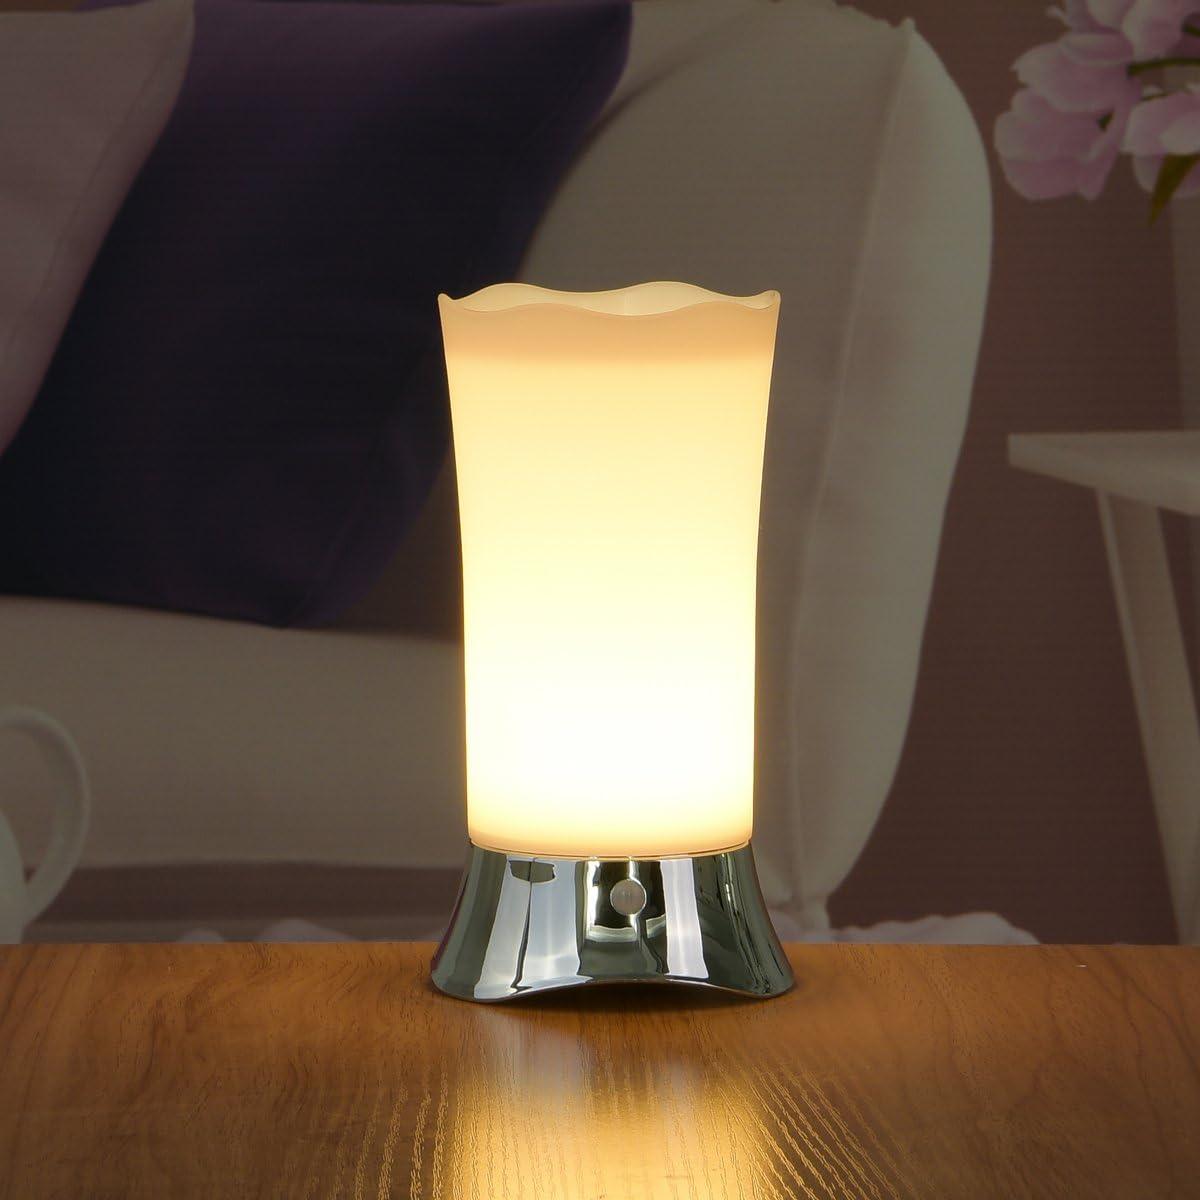 ZEEFO Lámparas de Mesa con Sensor Inalámbrico de Movimiento PIR, Luz de Noche(plata)